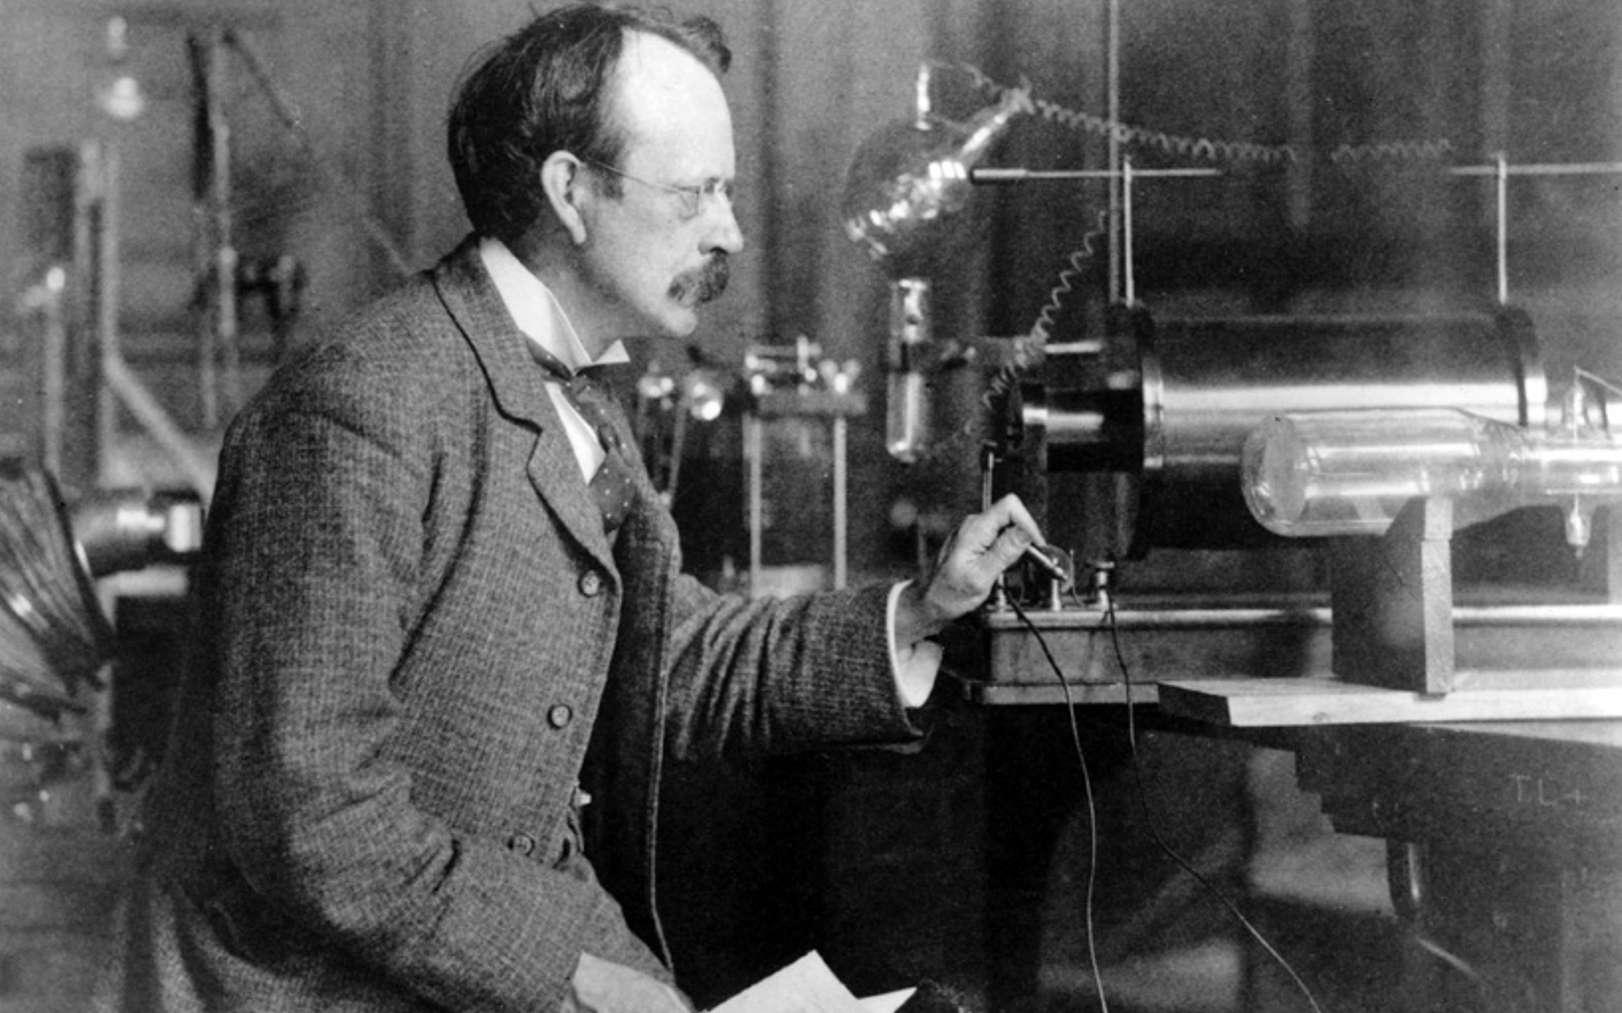 Sir Joseph John Thomson (18 décembre 1856 - 30 août 1940), le découvreur de l'électron. © Cavendish Laboratory, université de Cambridge